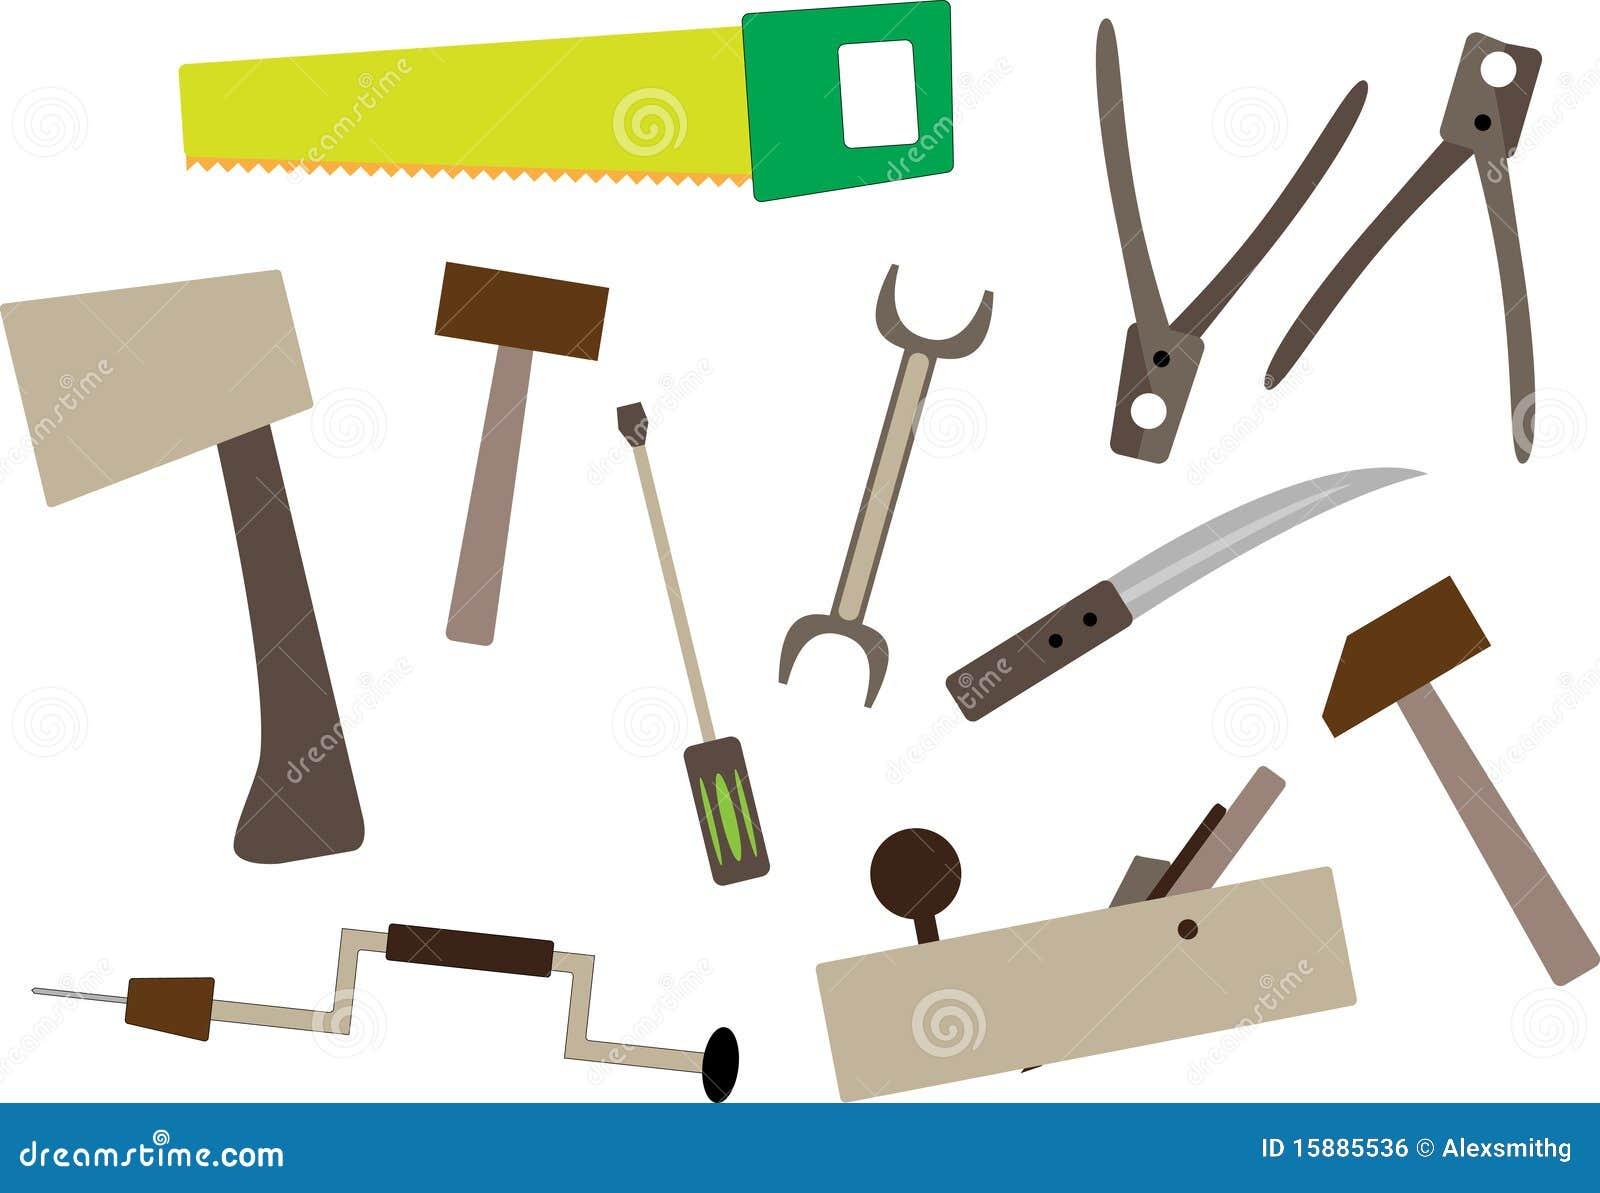 les outils du menuisier image libre de droits image. Black Bedroom Furniture Sets. Home Design Ideas